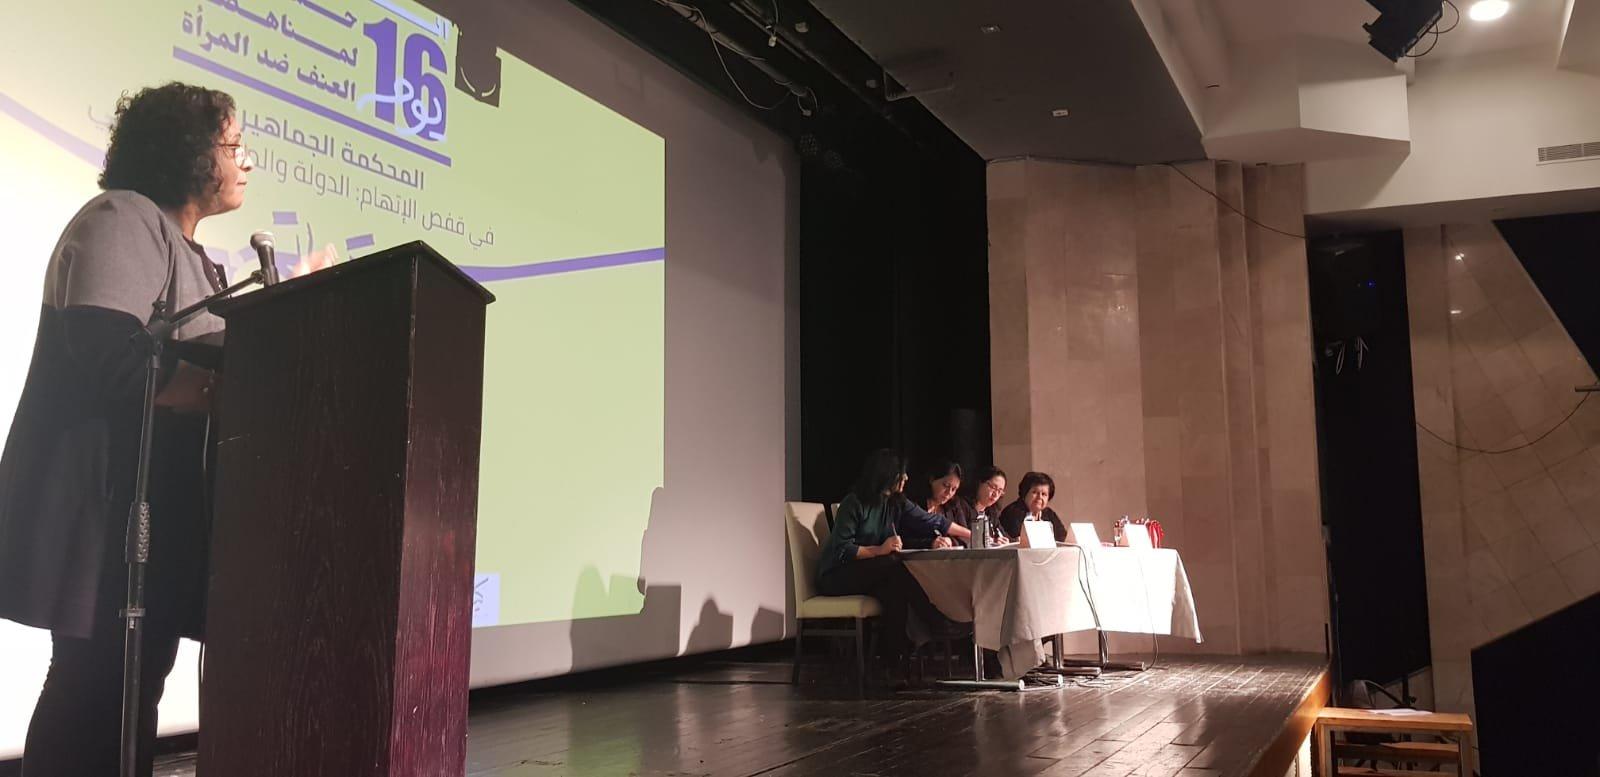 توما - سليمان تقدم لائحة اتهام ضد تقاعس الدولة في محاربة العنف ضد النساء-1